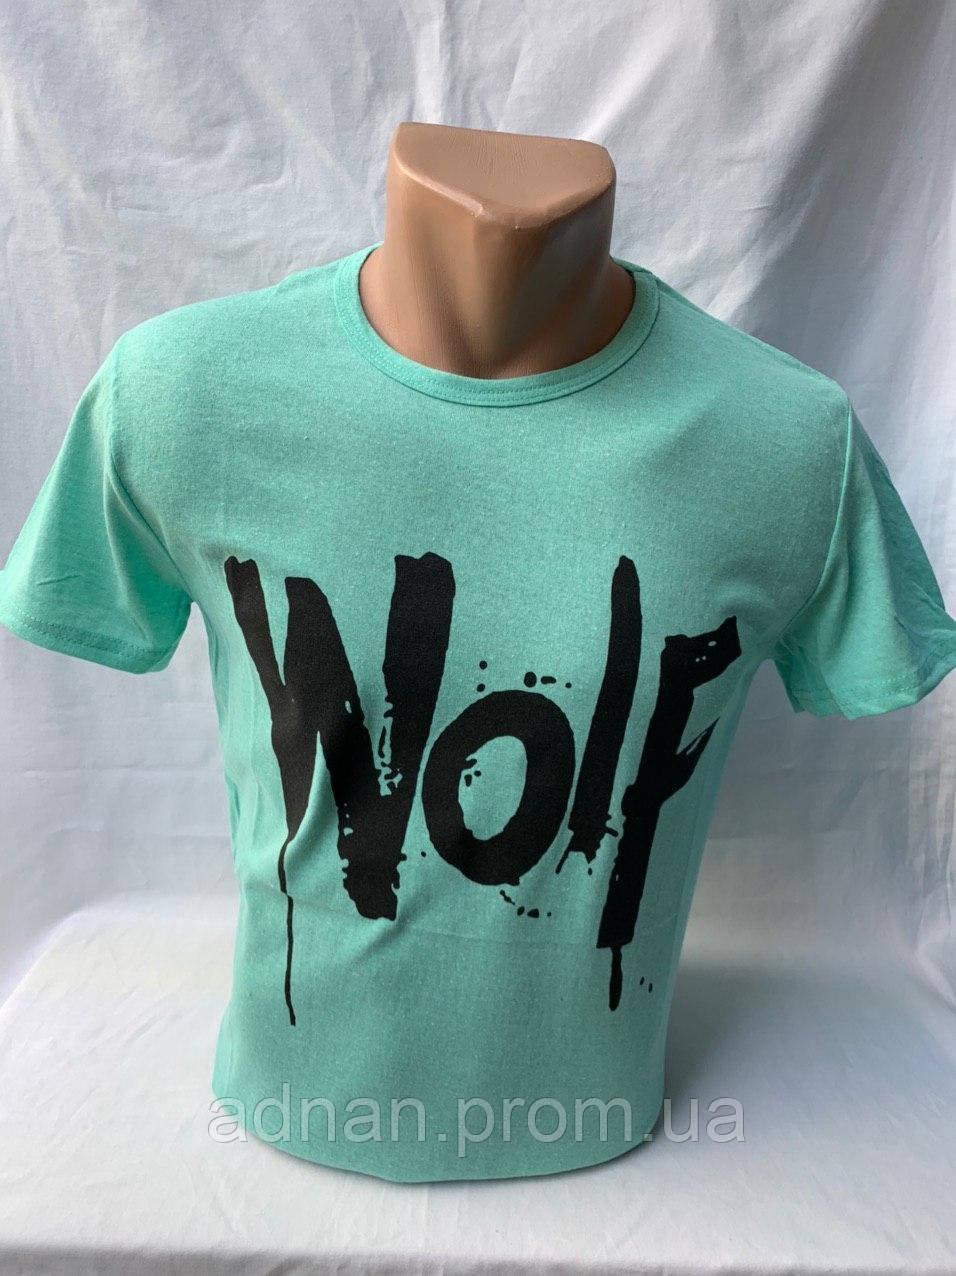 Футболка мужская фирмы KLAS 23 х/б WOLF 002 \ купить футболку мужскую оптом